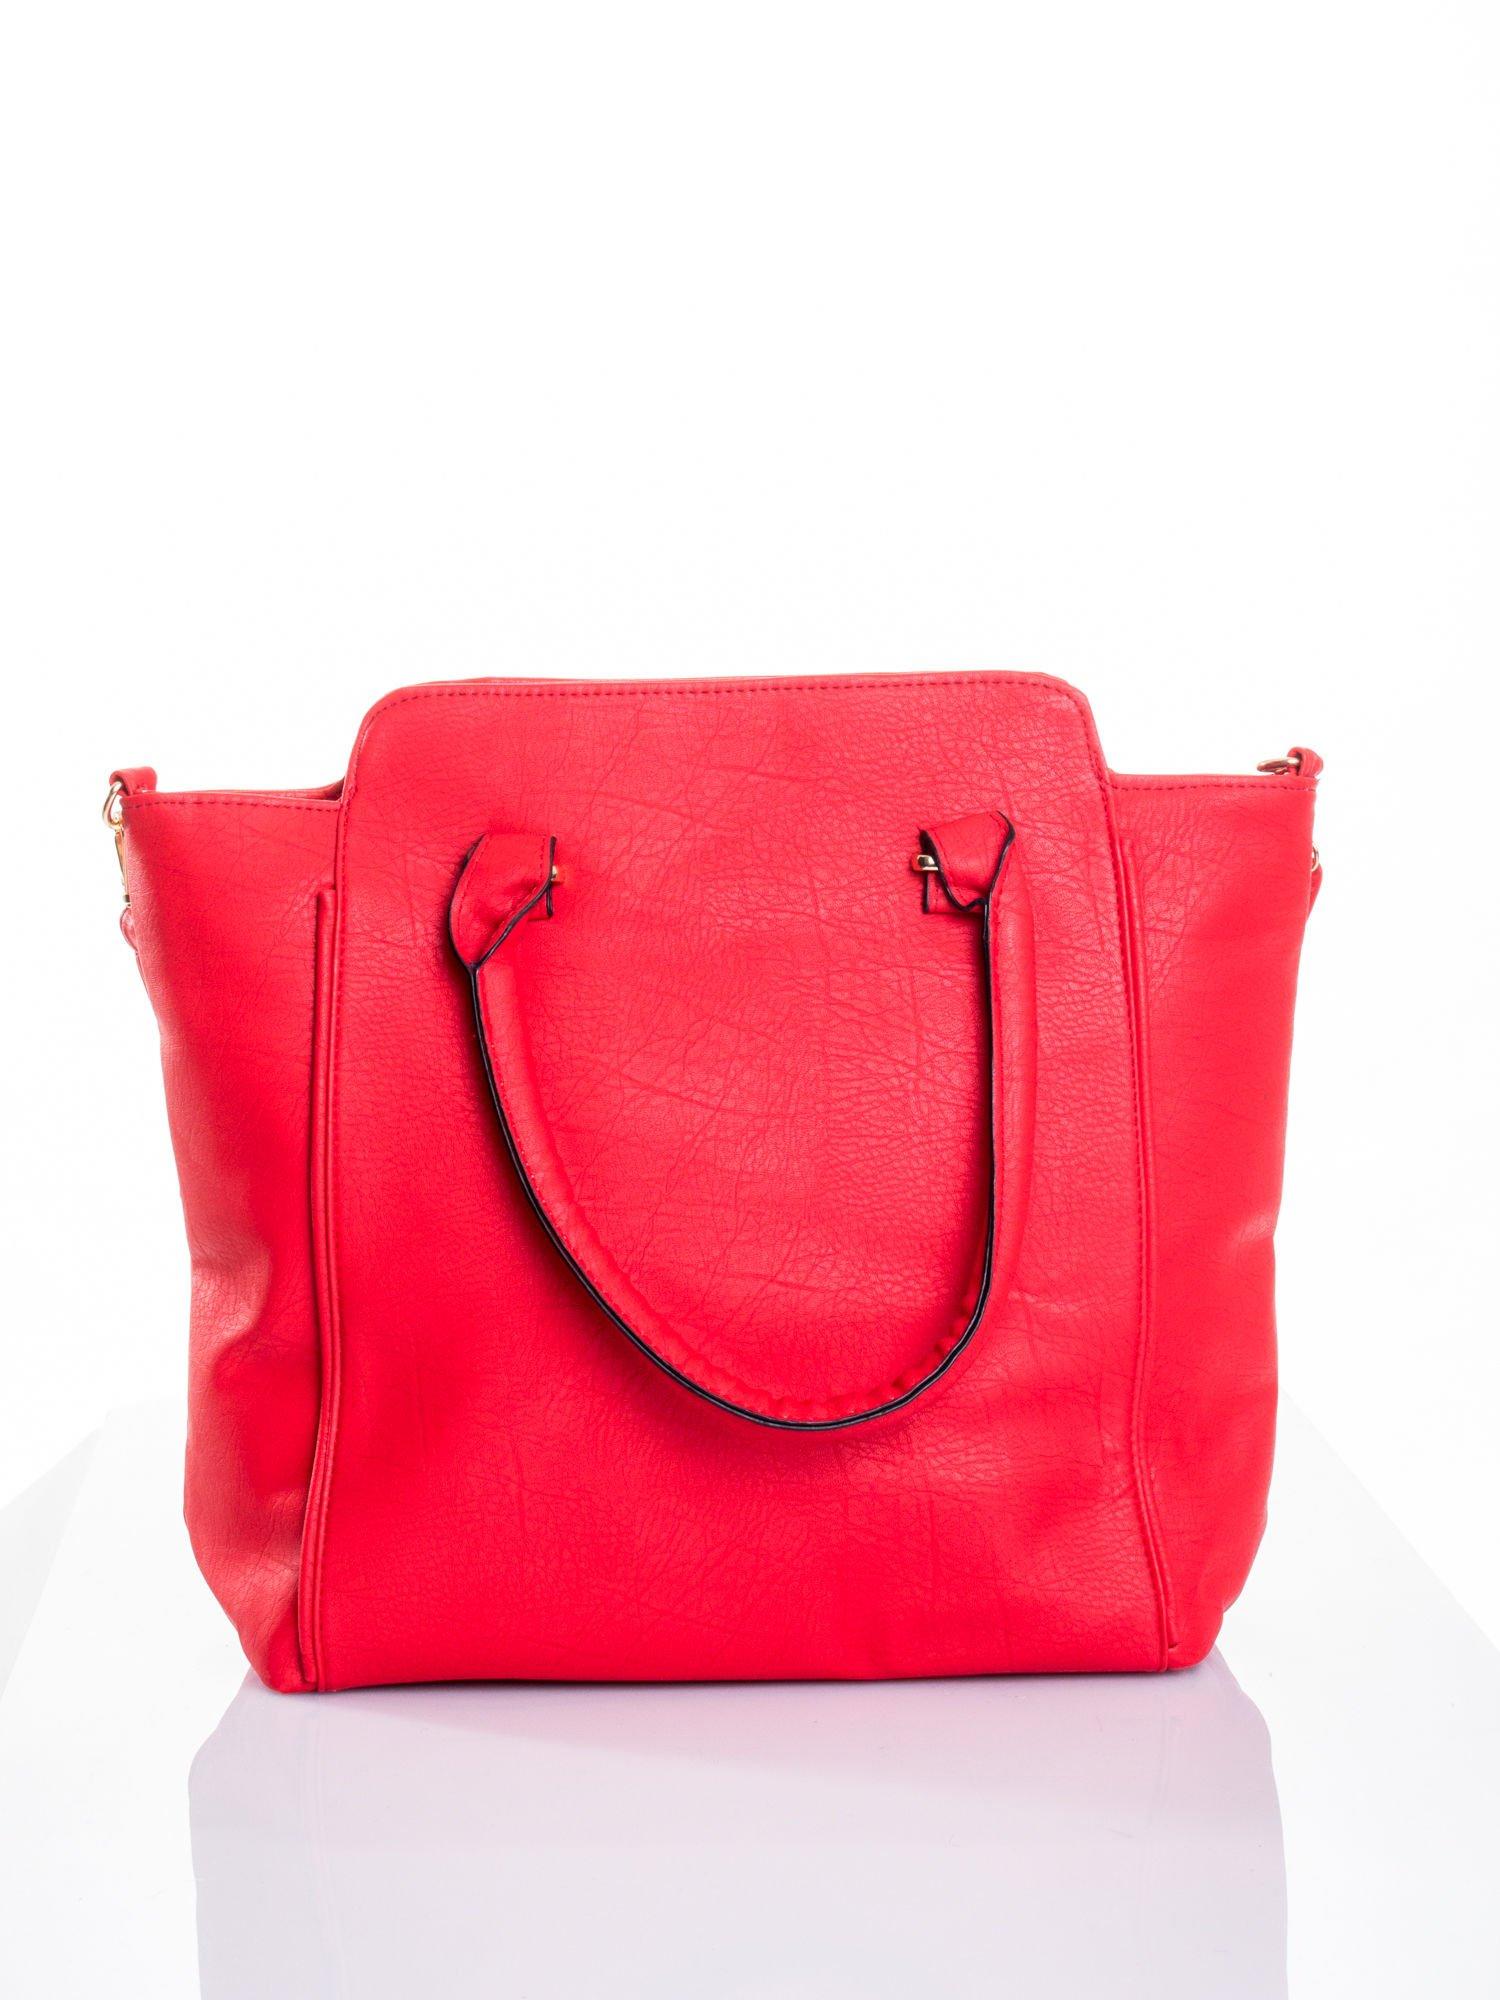 Czerwona torba shopper bag                                  zdj.                                  1